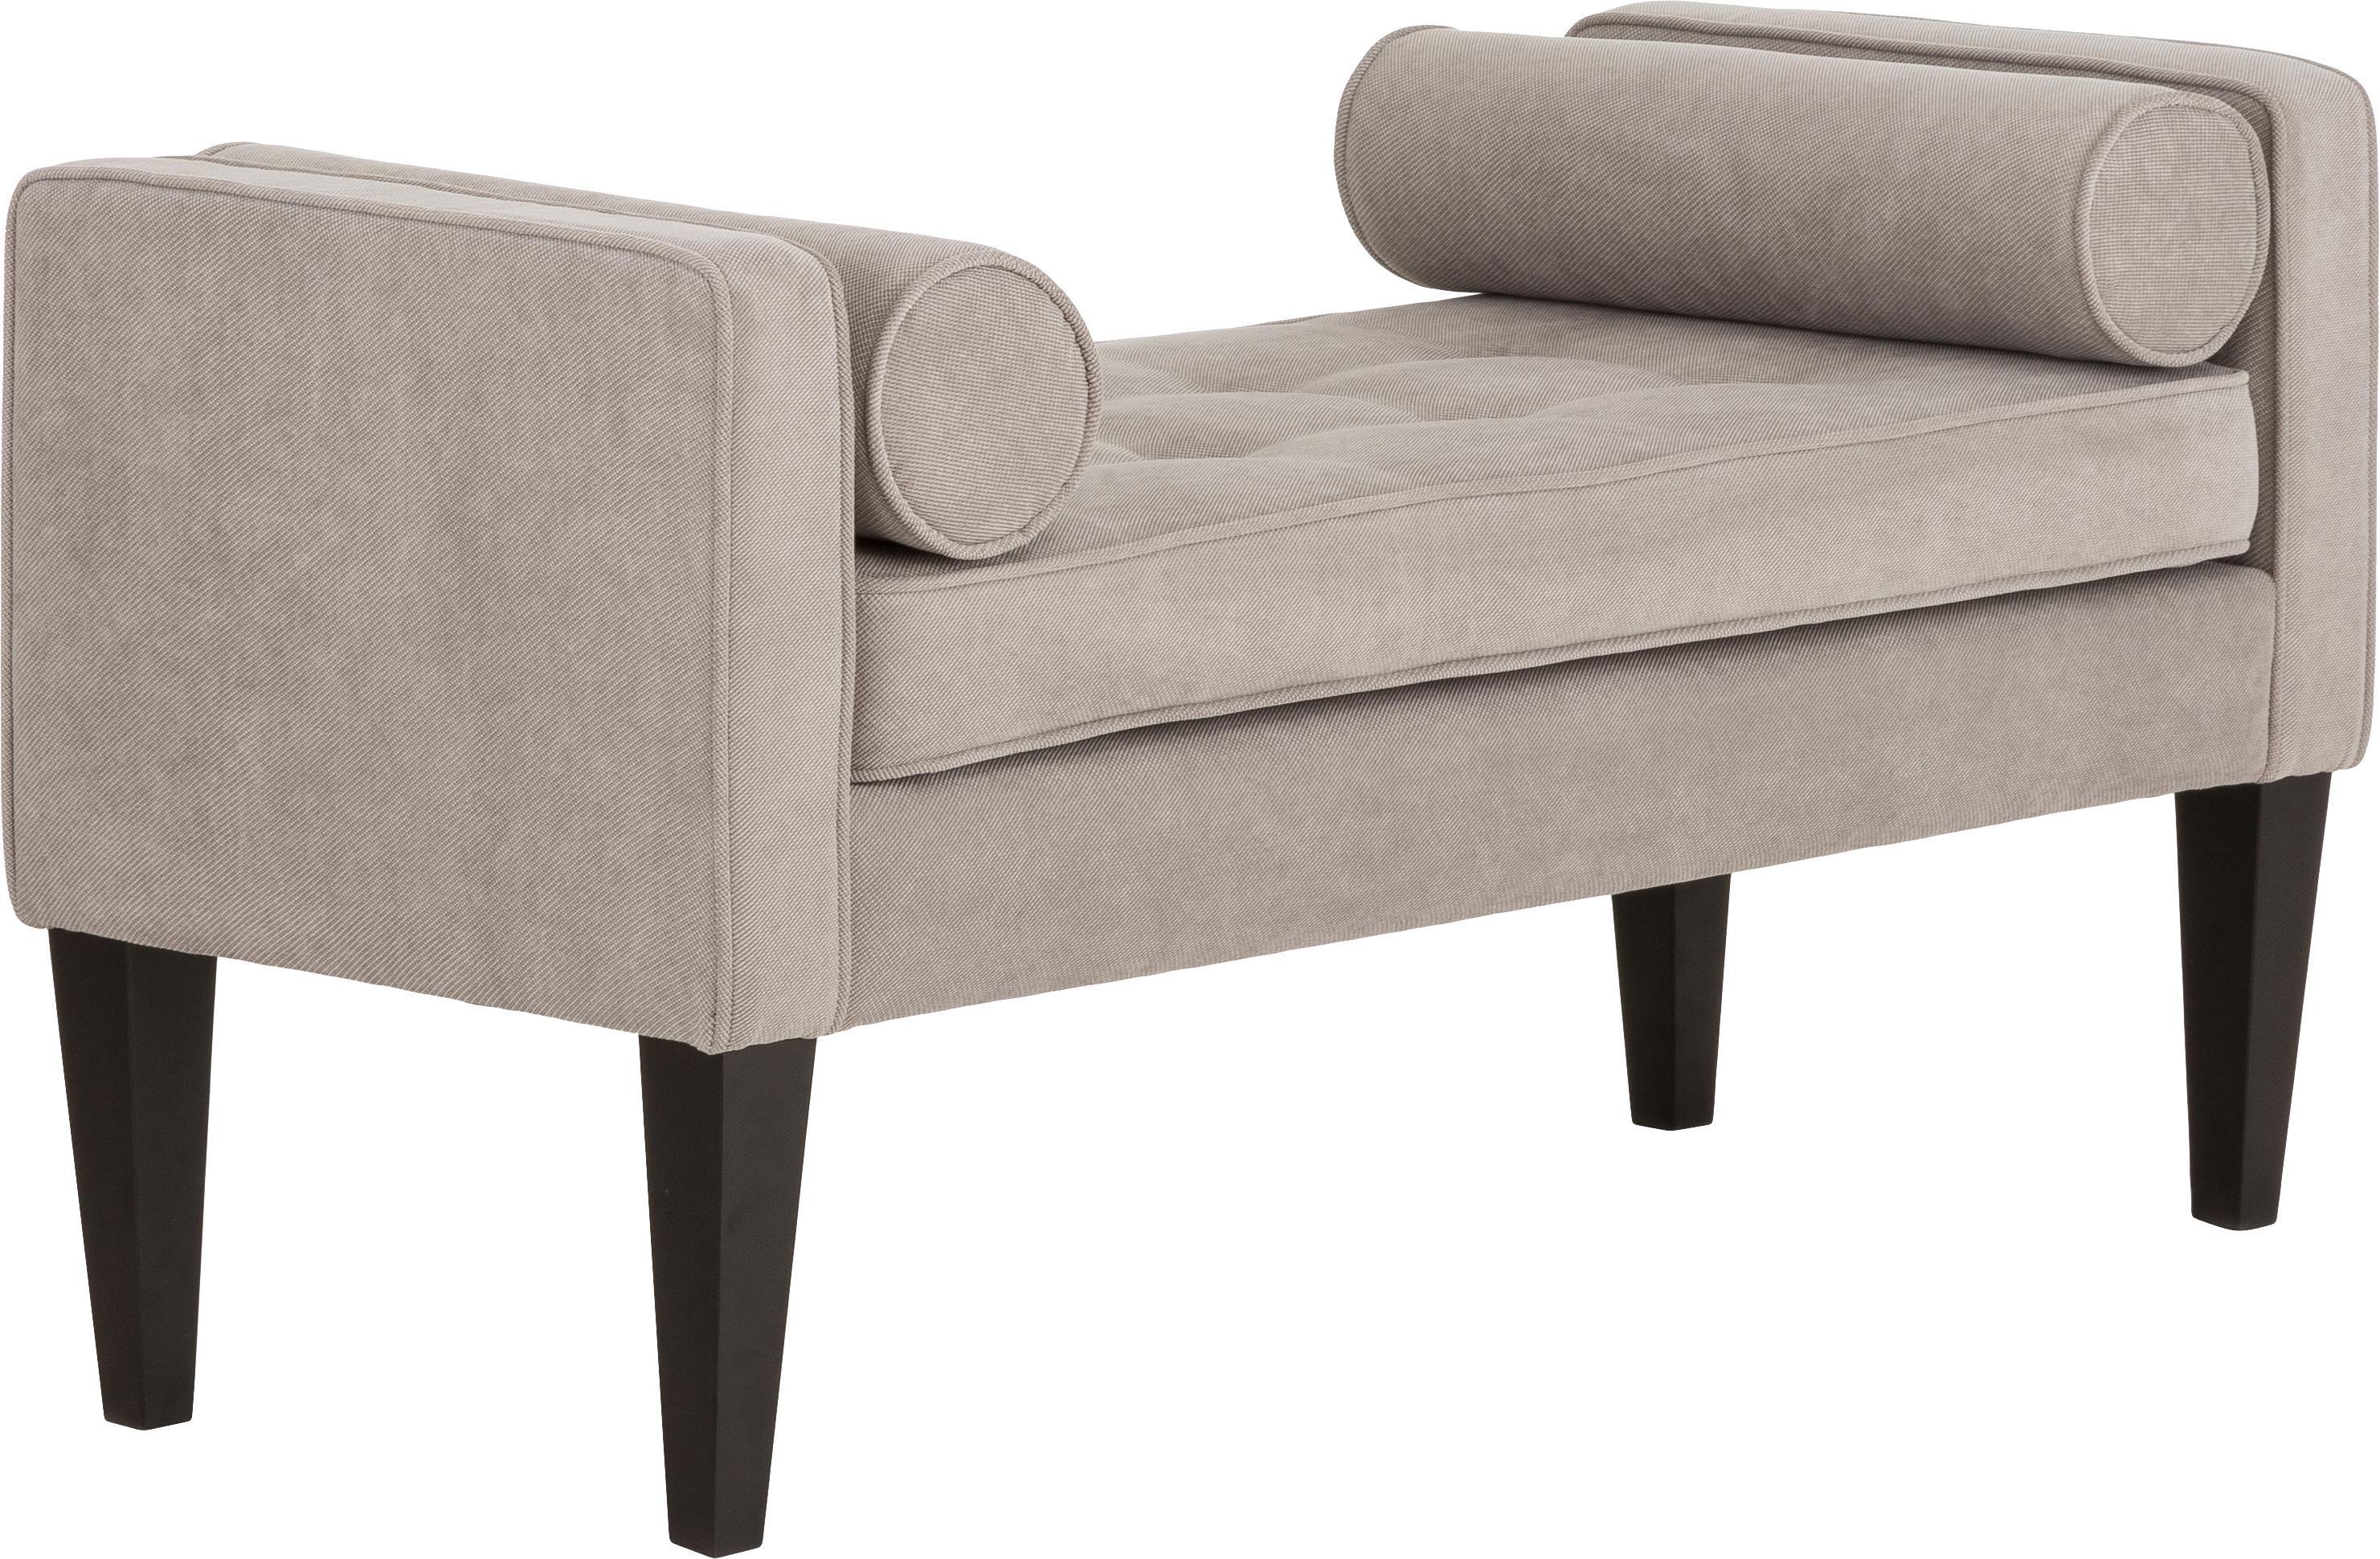 Bedbankje Mia met kussen, Bekleding: 92% polyester, 8% nylon, Poten: gelakt berkenhout, Bekleding: grijs. Poten: zwart, B 115 cm